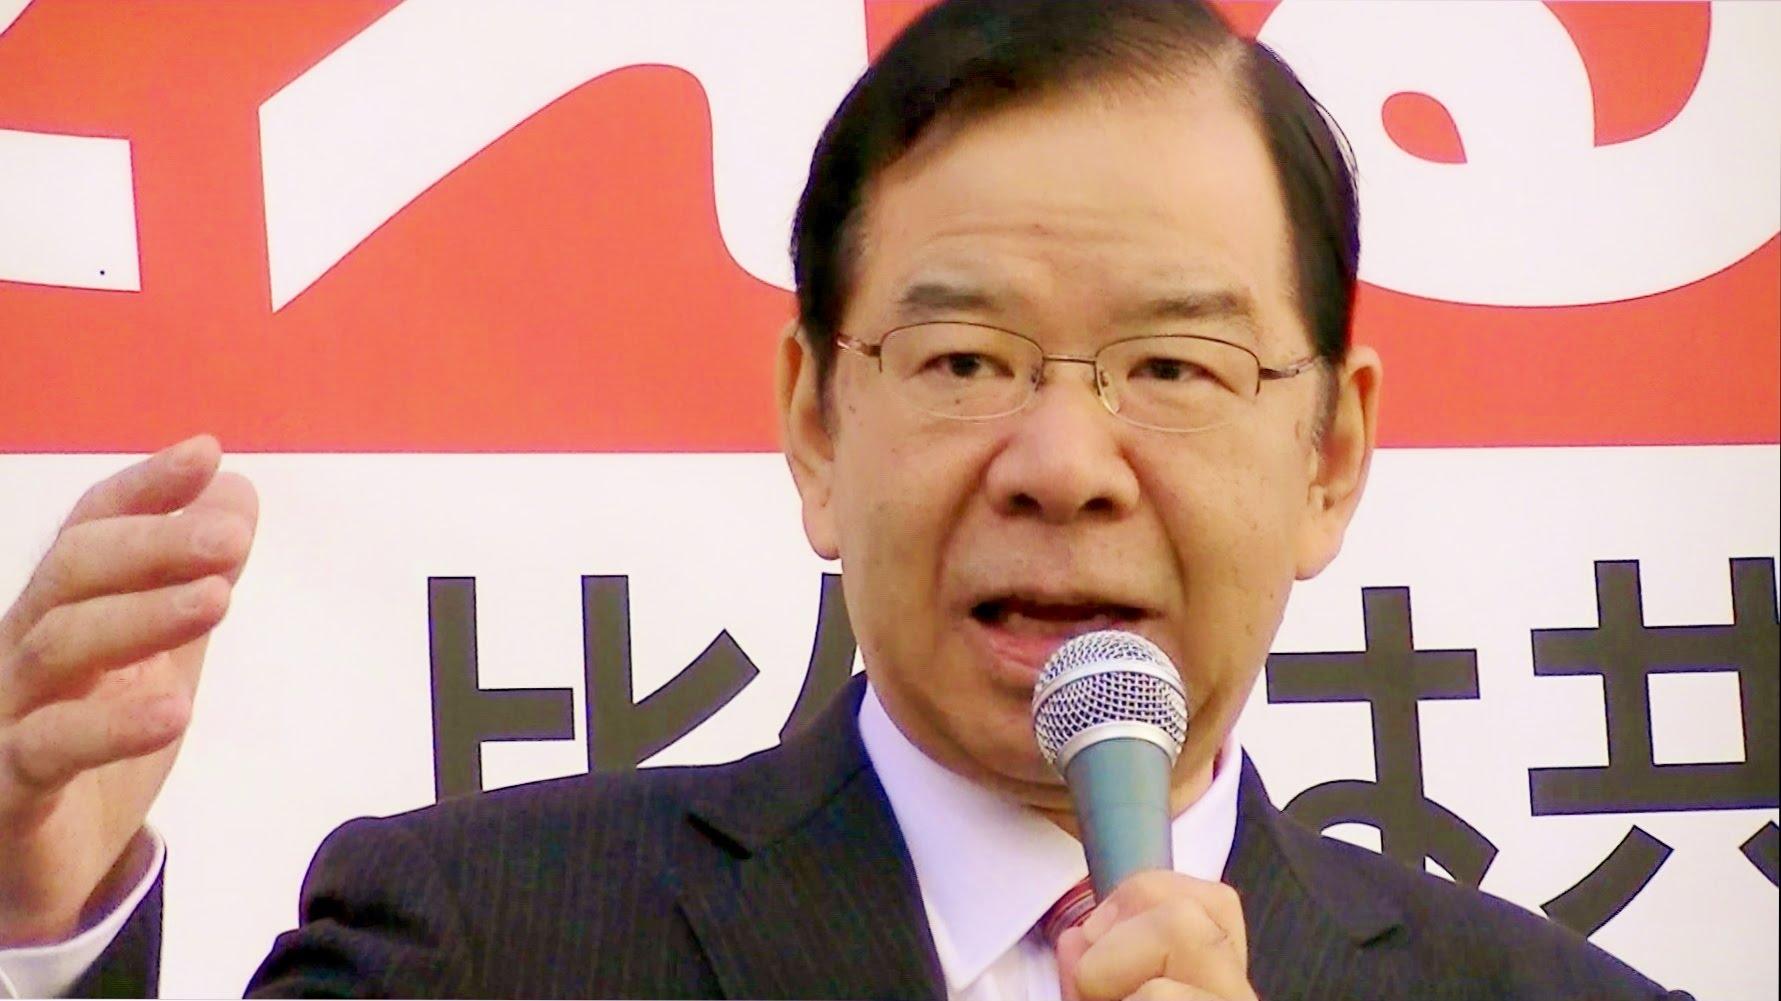 共産・志位委員長が、尖閣問題について中国共産党と自民政権を強く批判!「尖閣は日本の領土という国際法的・歴史的な根拠をぶつければ、争う余地はない」→ネット「共産の方がよほど保守」